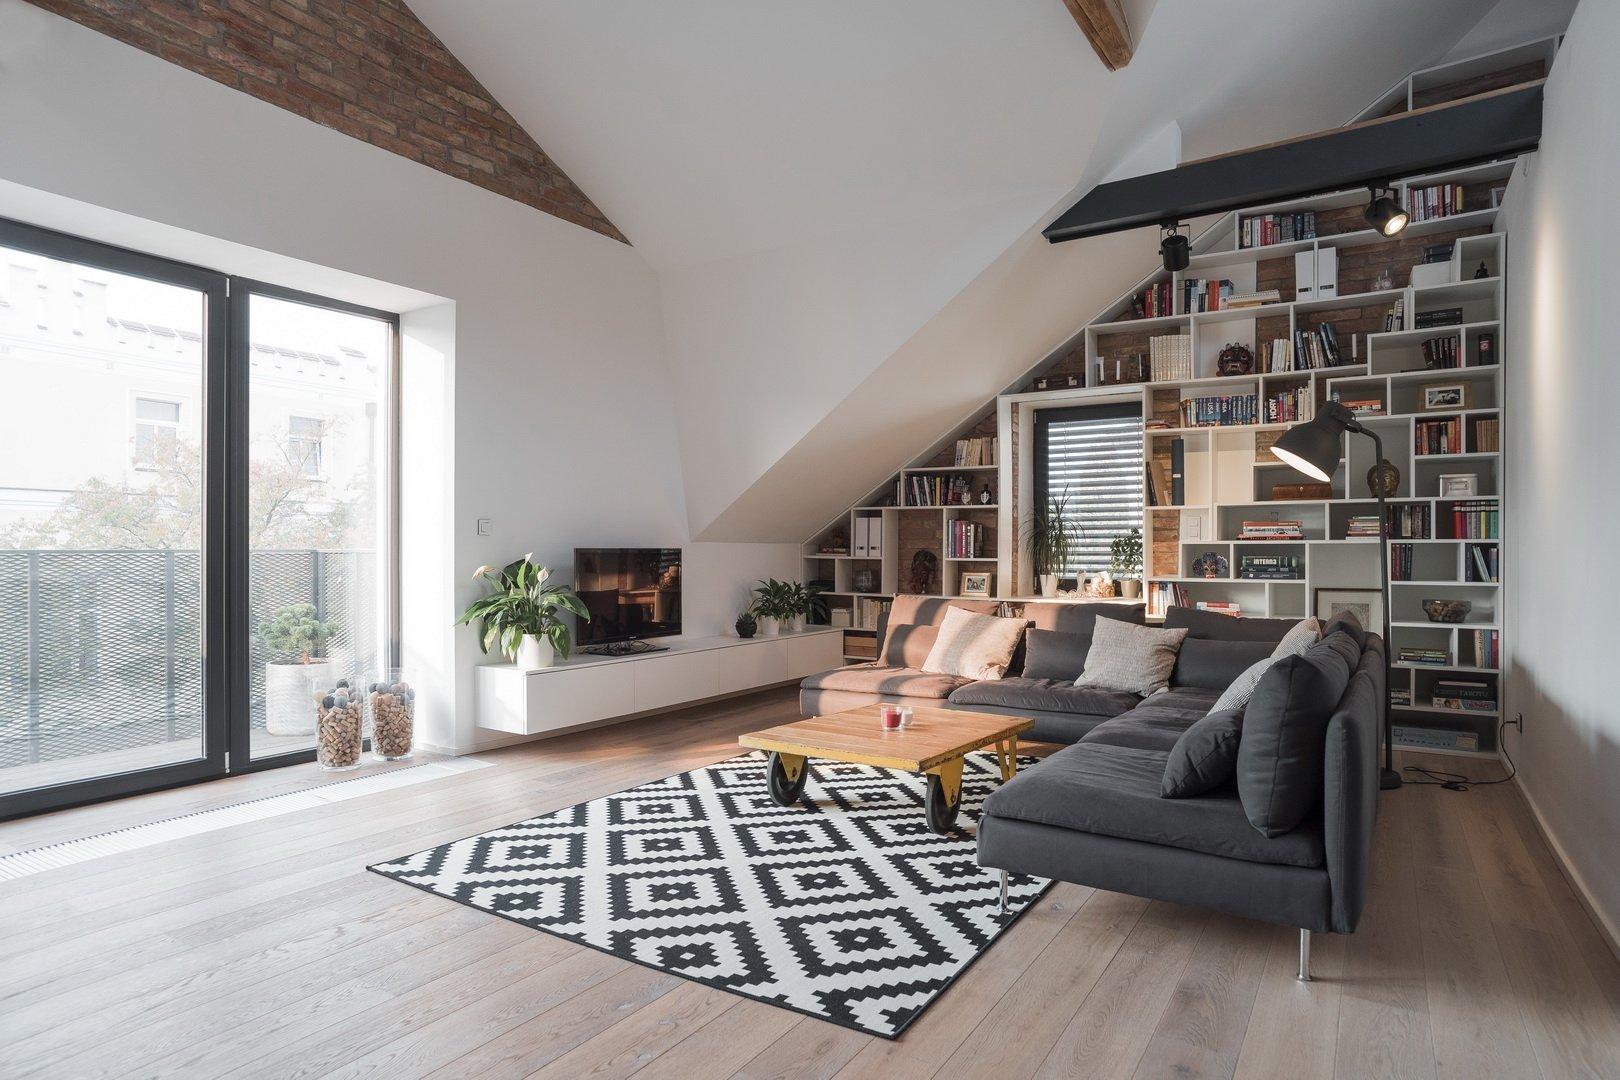 Rekonstrukce dvojdomku je vždy výzvou a vtomto případě,vyhrála varianta zachování původních proporcí domu. Objekt je navržen střemi bytovými…